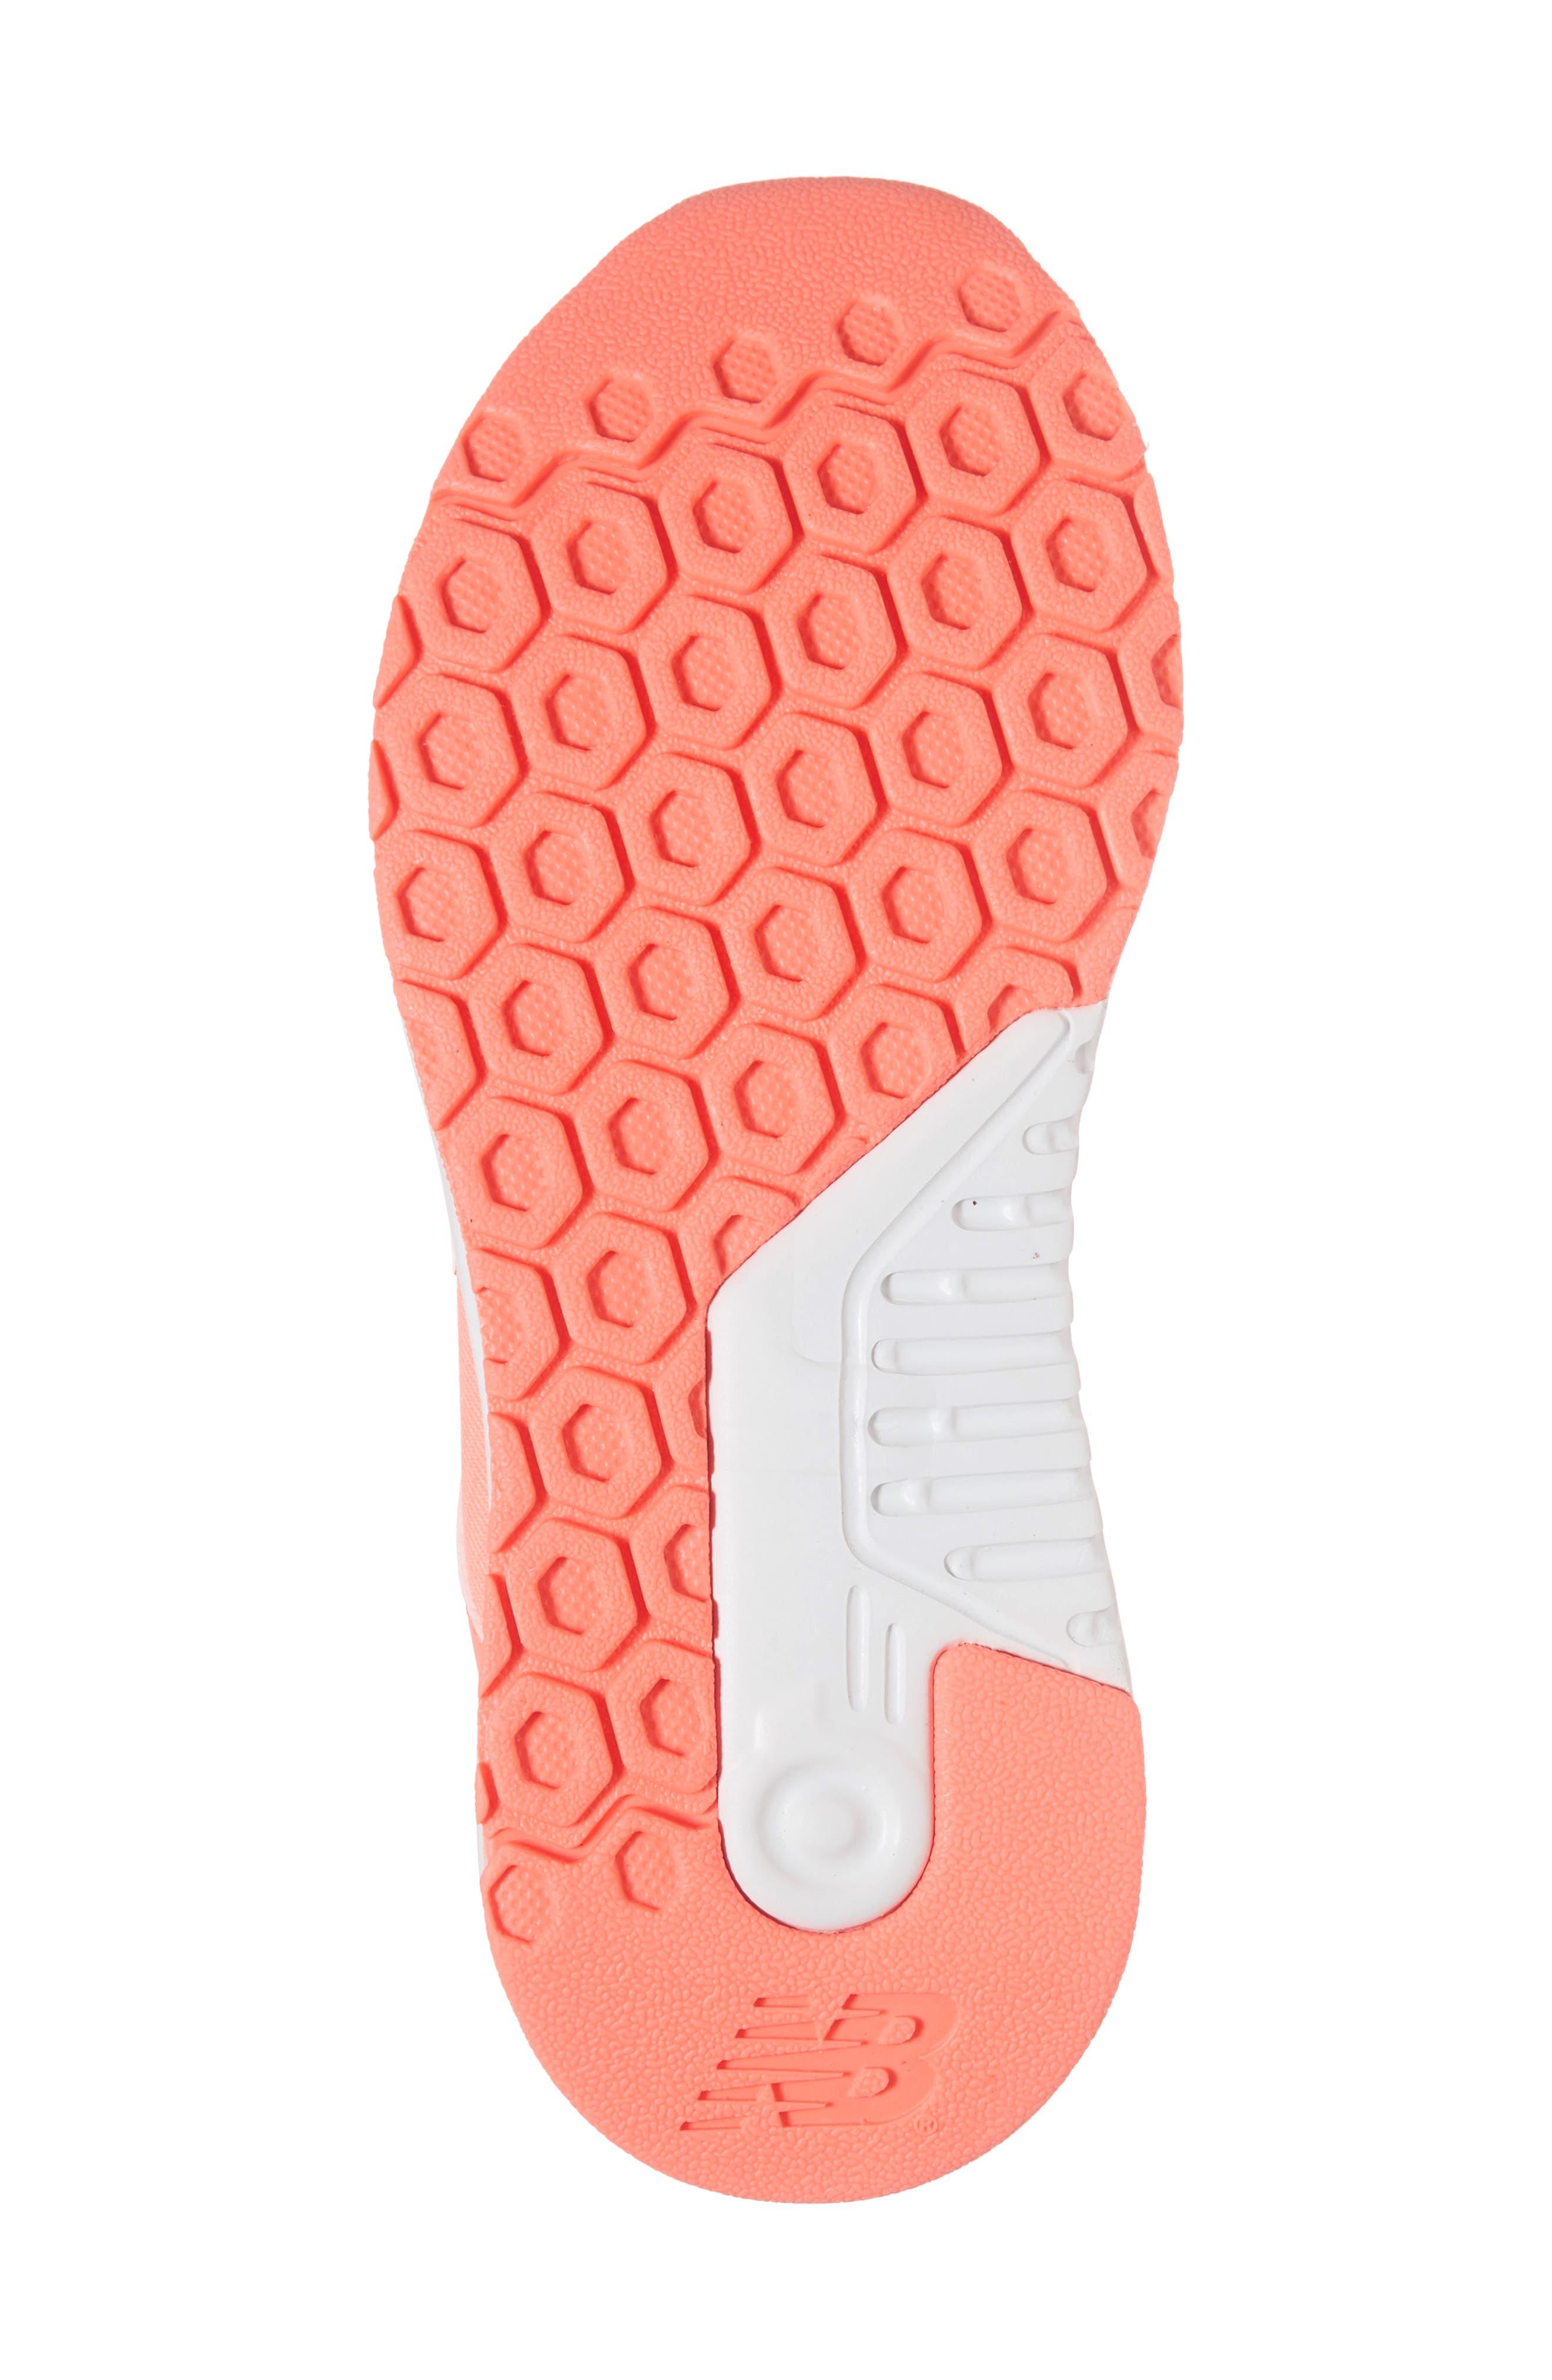 247 Sport Sneaker,                             Alternate thumbnail 6, color,                             653